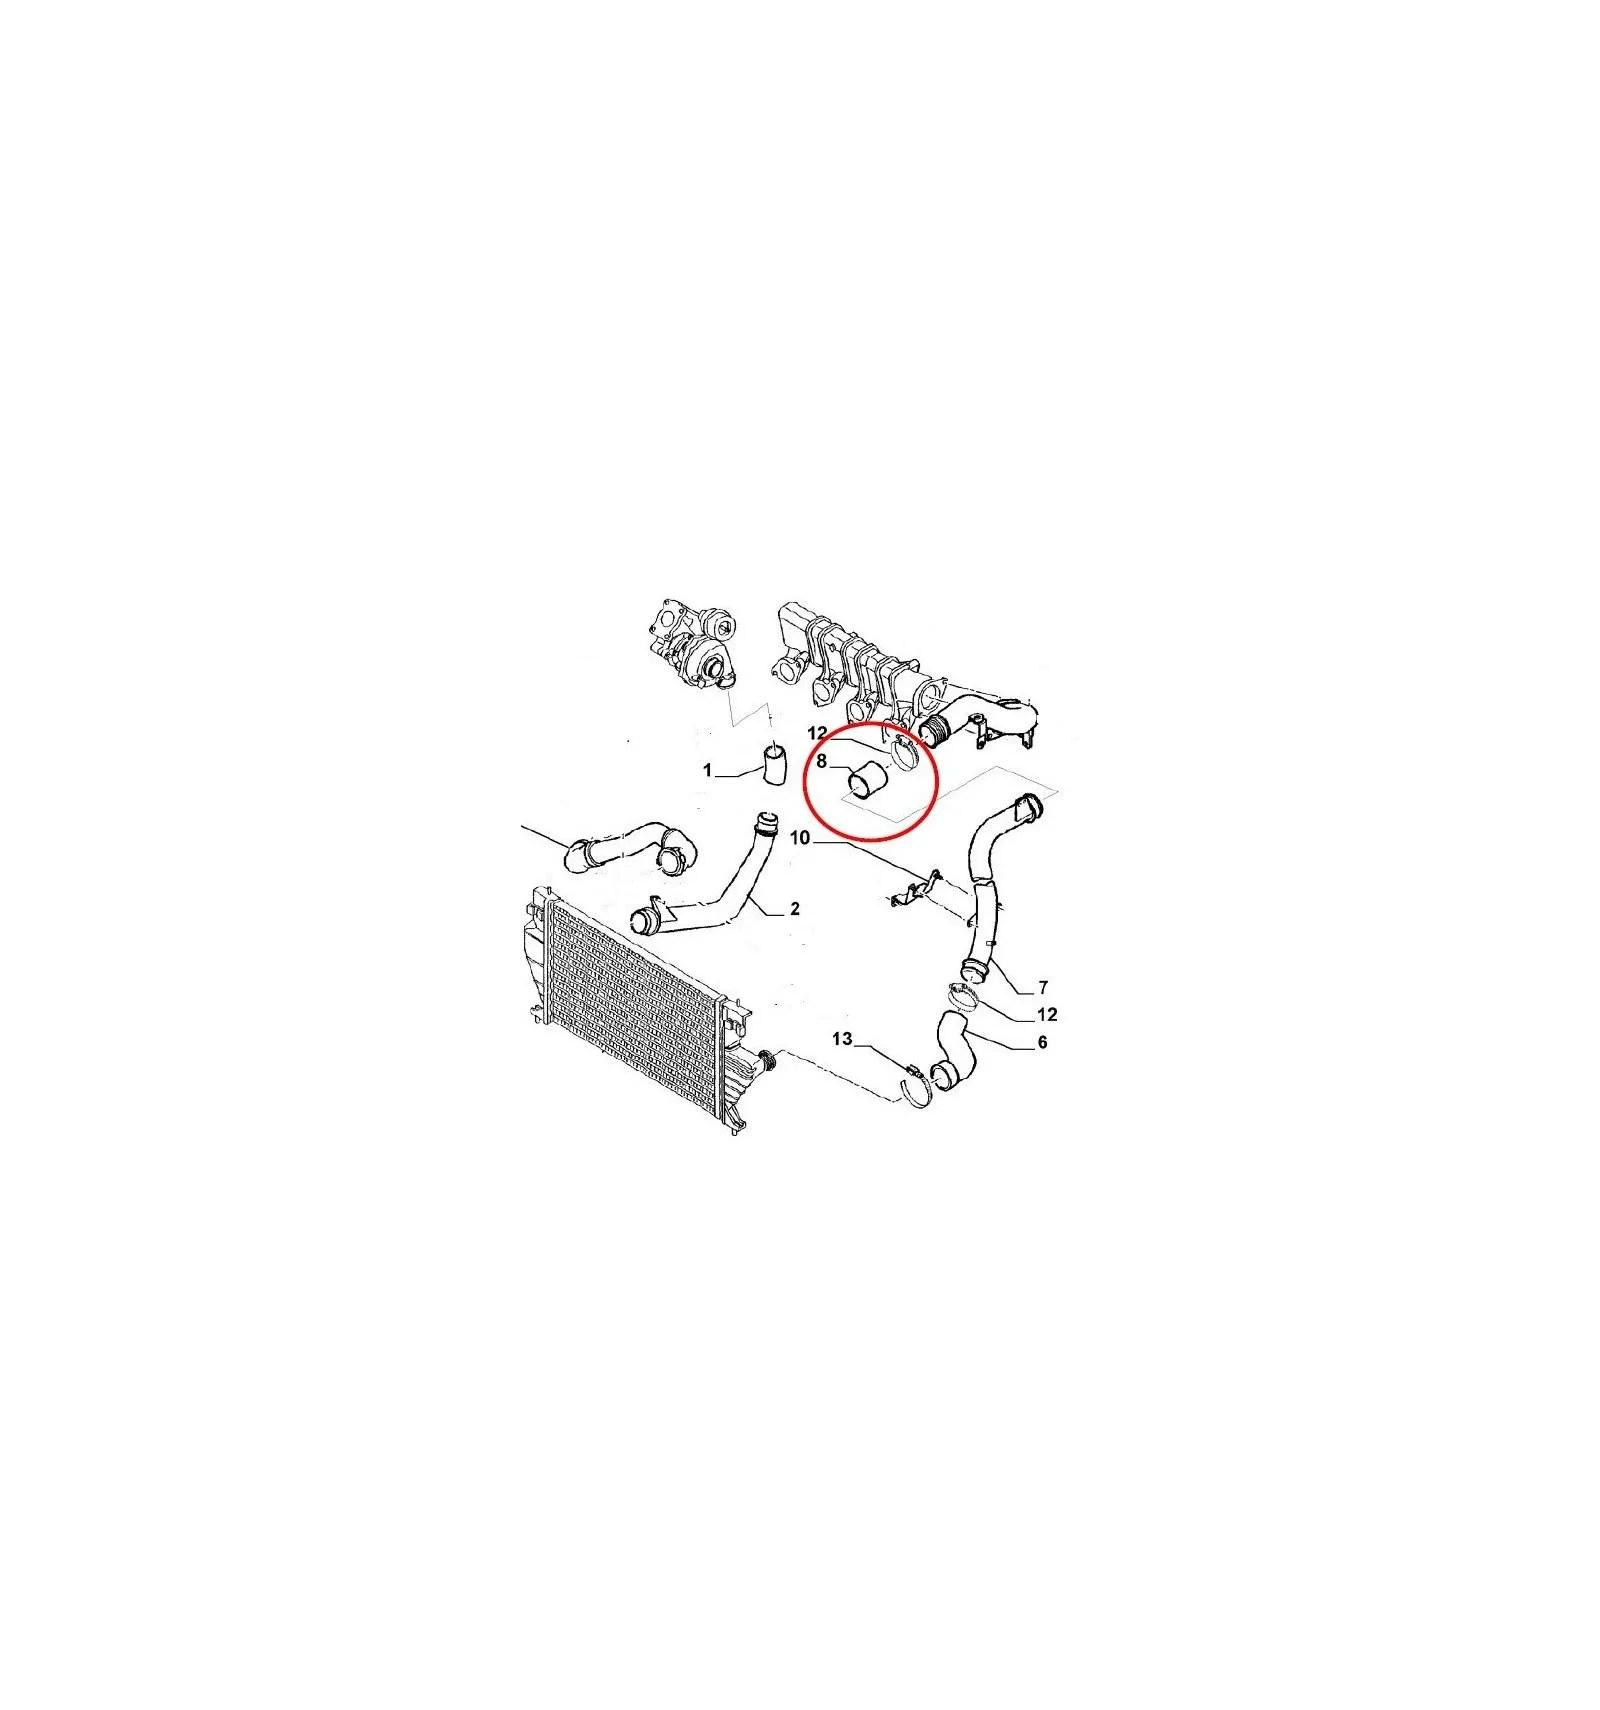 Durite turbo Fiat Ulysse et Scudo 2.0 Hdi